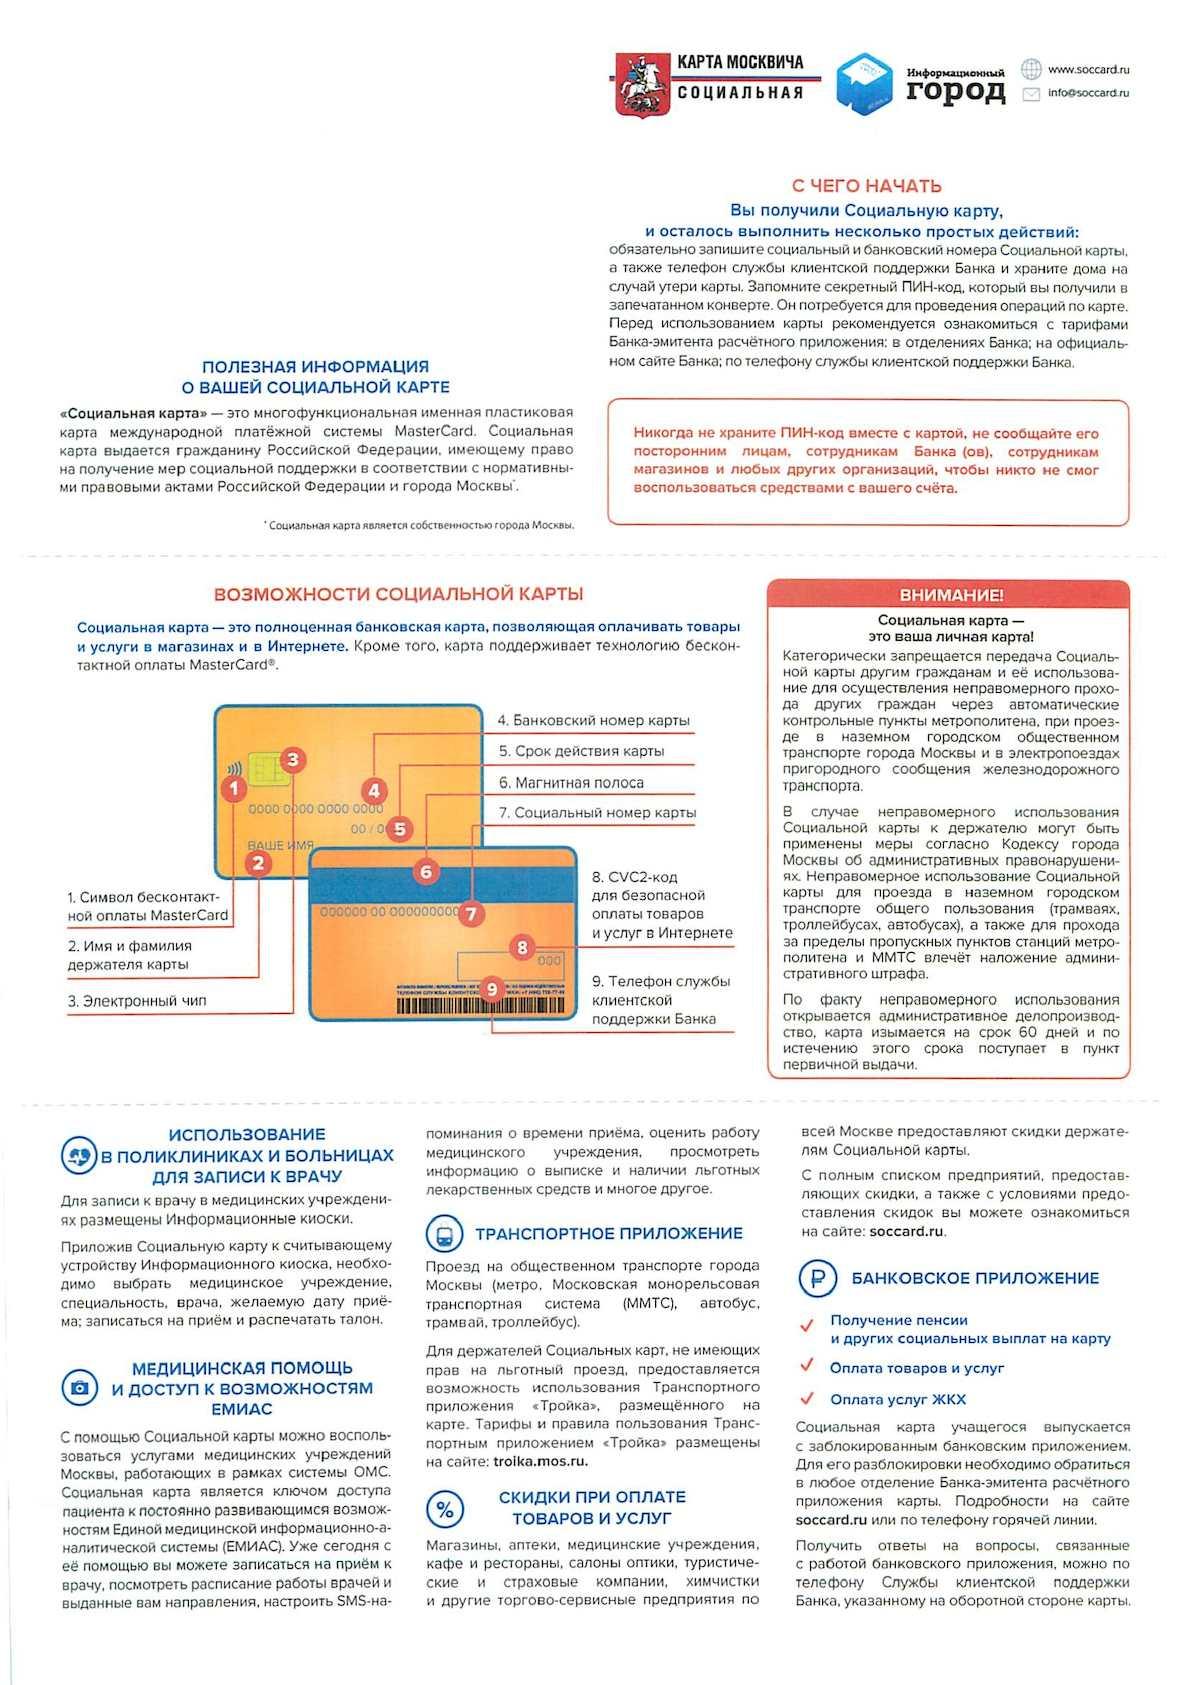 Социальная карта москвича: кому положена и как получить? 93